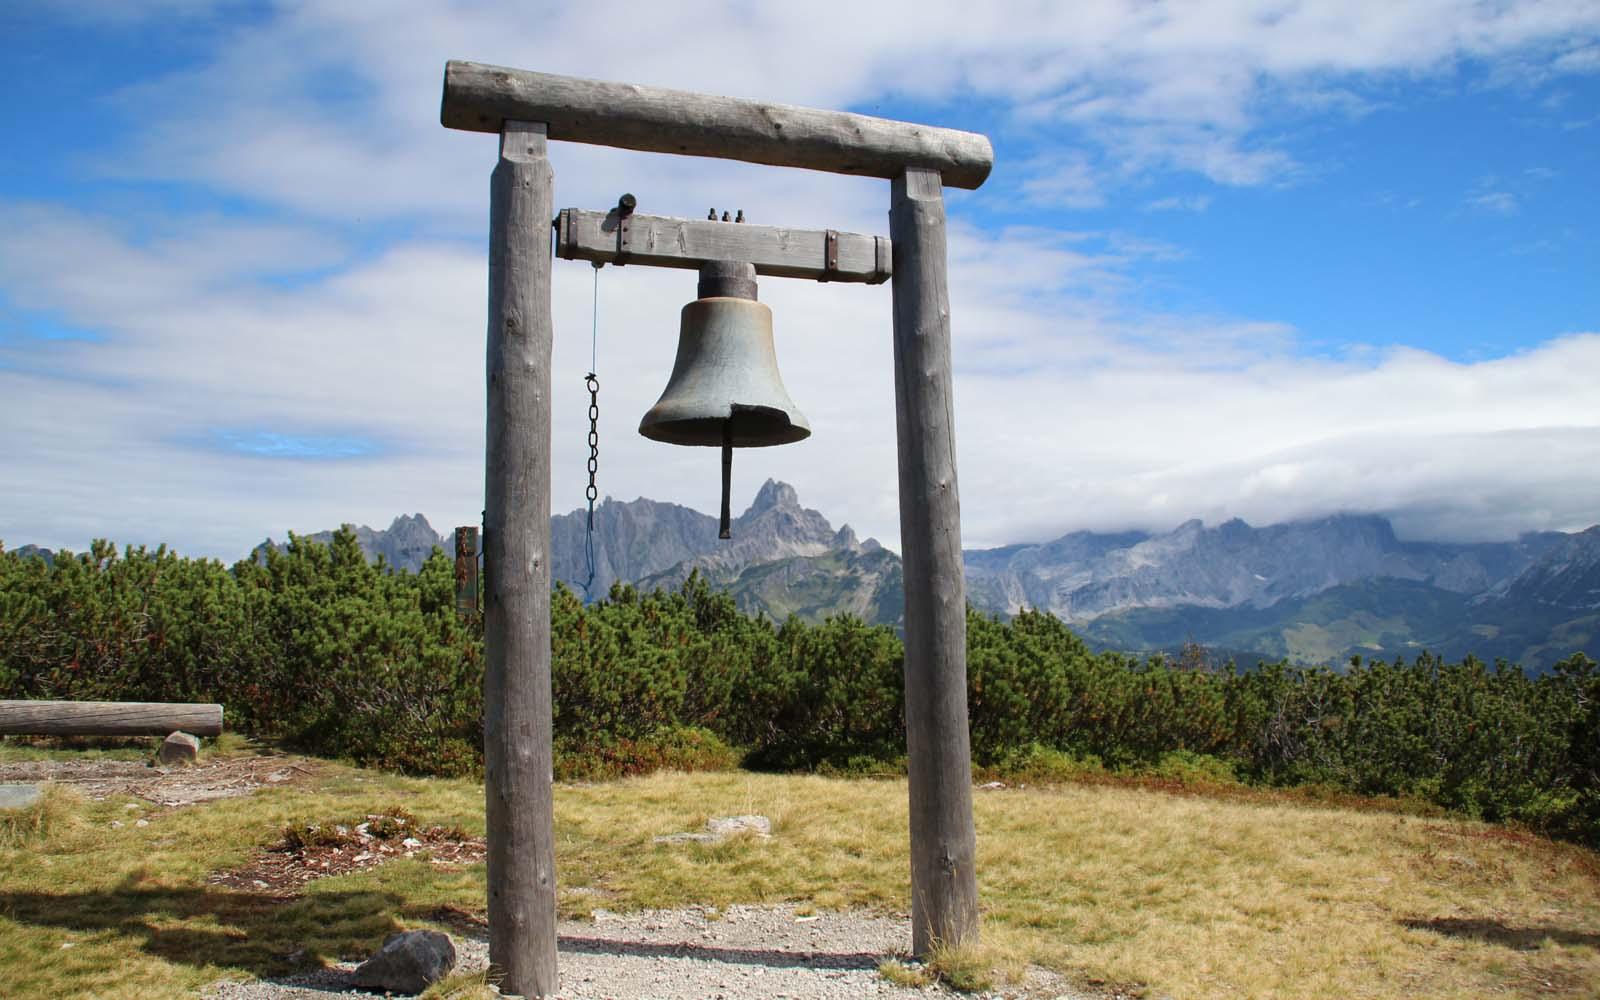 Glocke am Gipfel